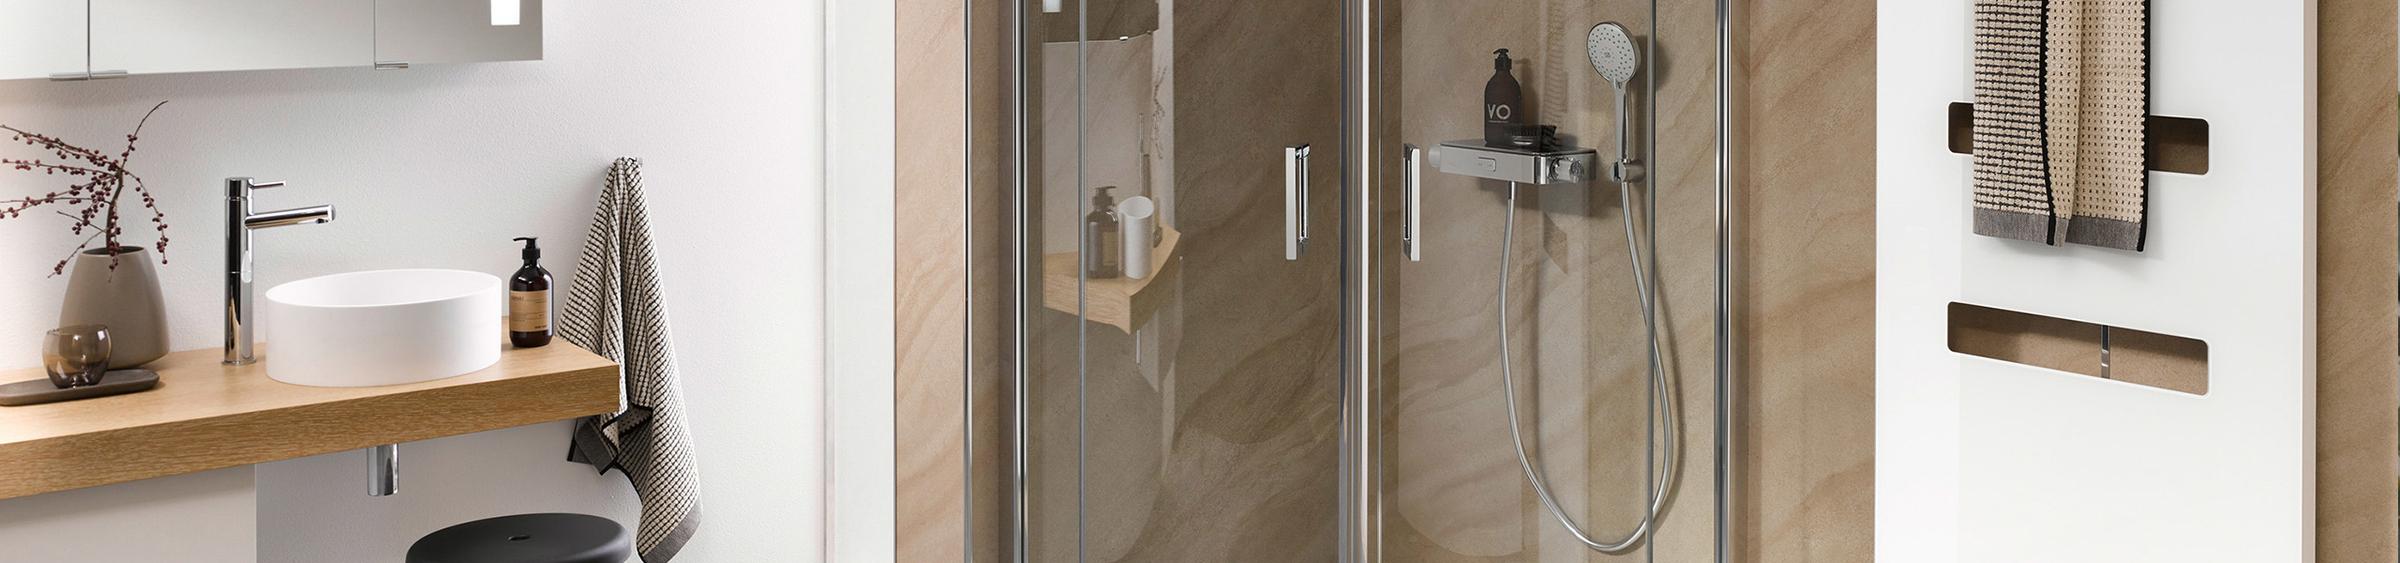 Douchecabine voor een kleine badkamer - Douchecabine voor een kleine badkamer